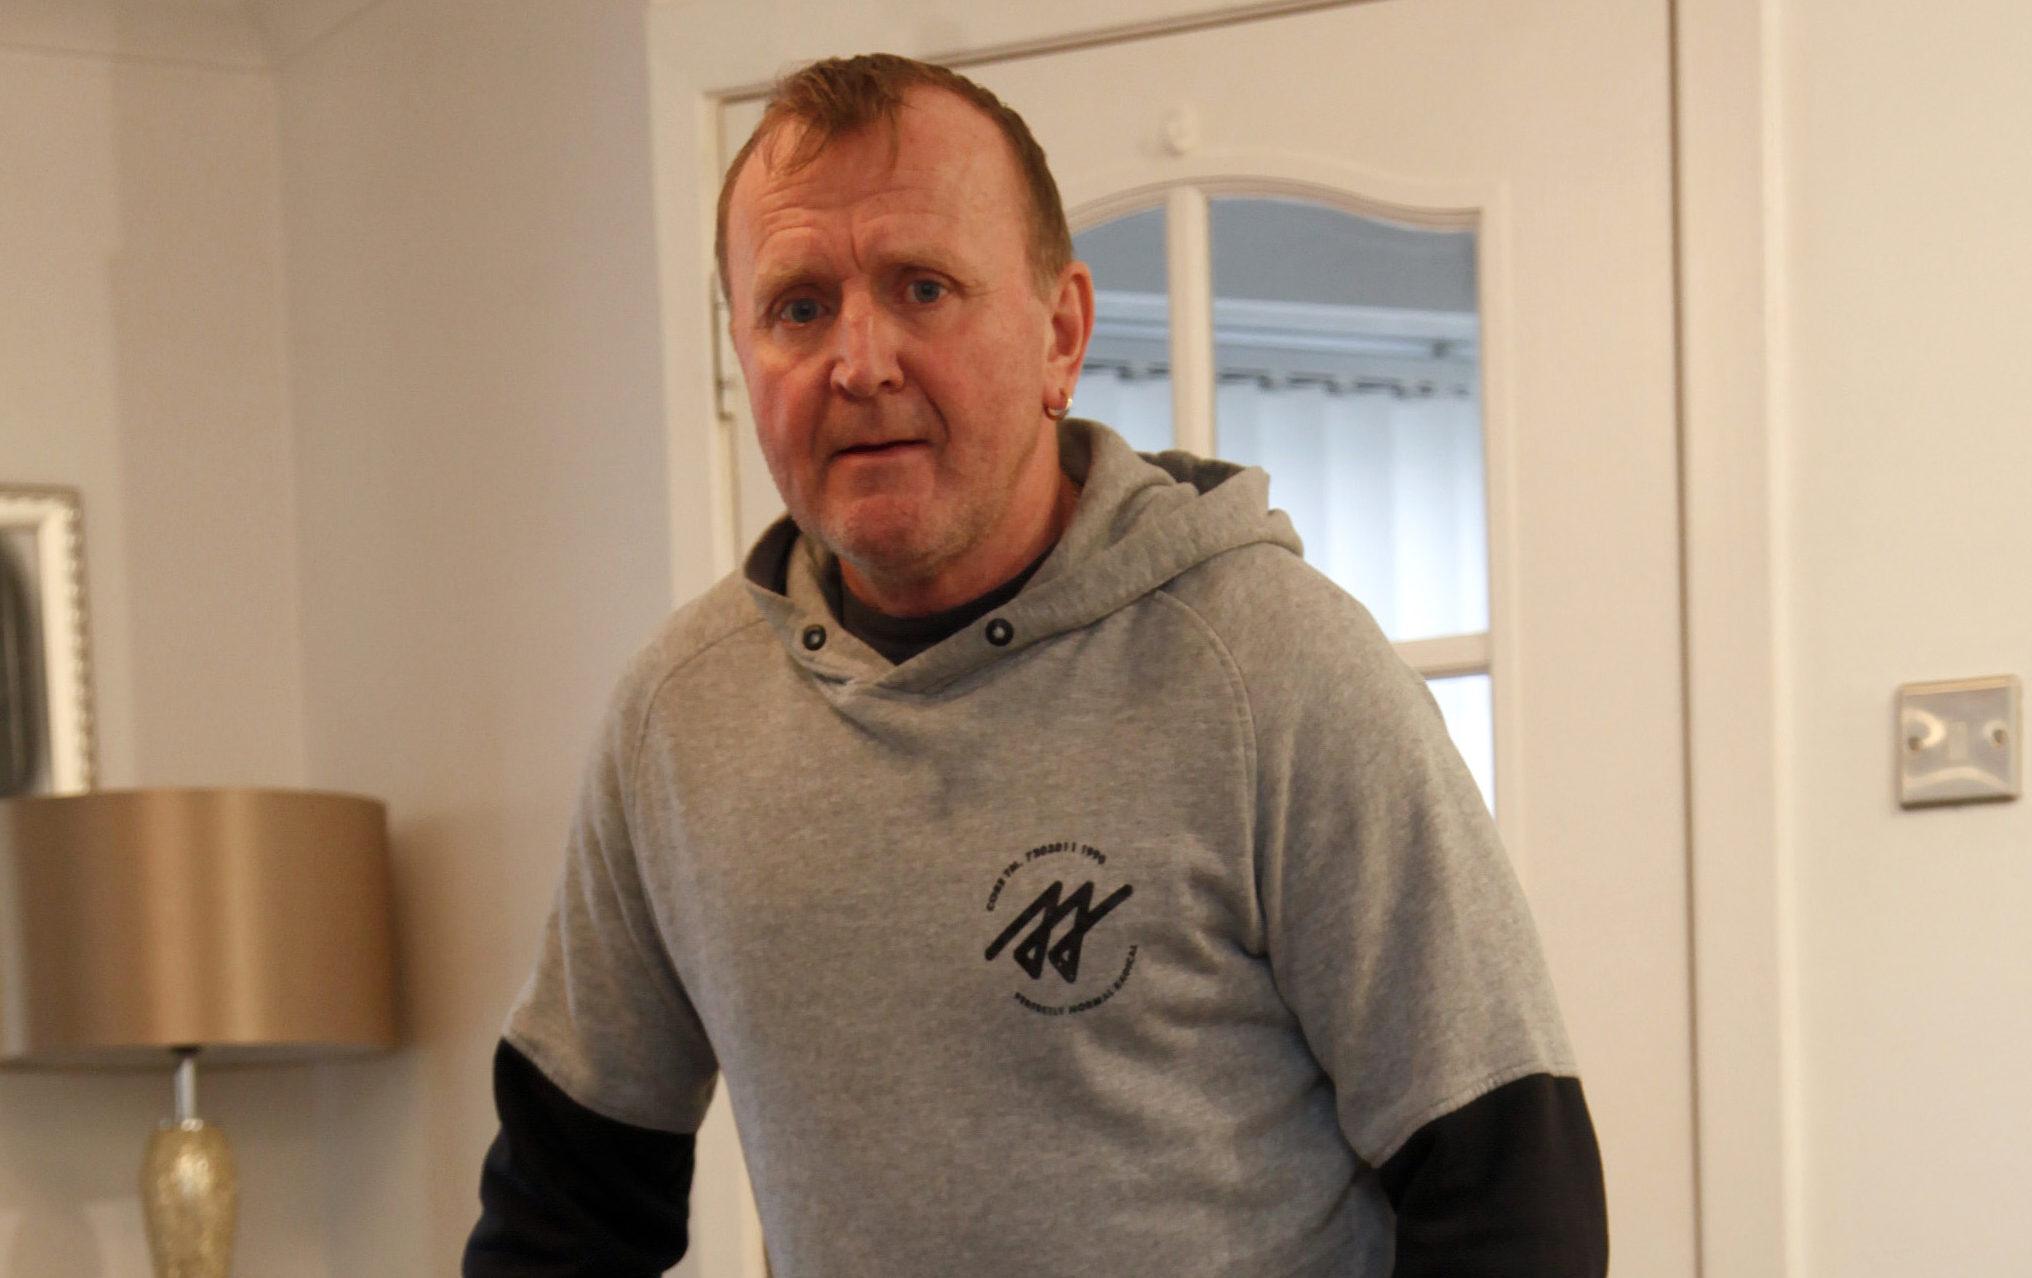 Former navy officer David Foulkes